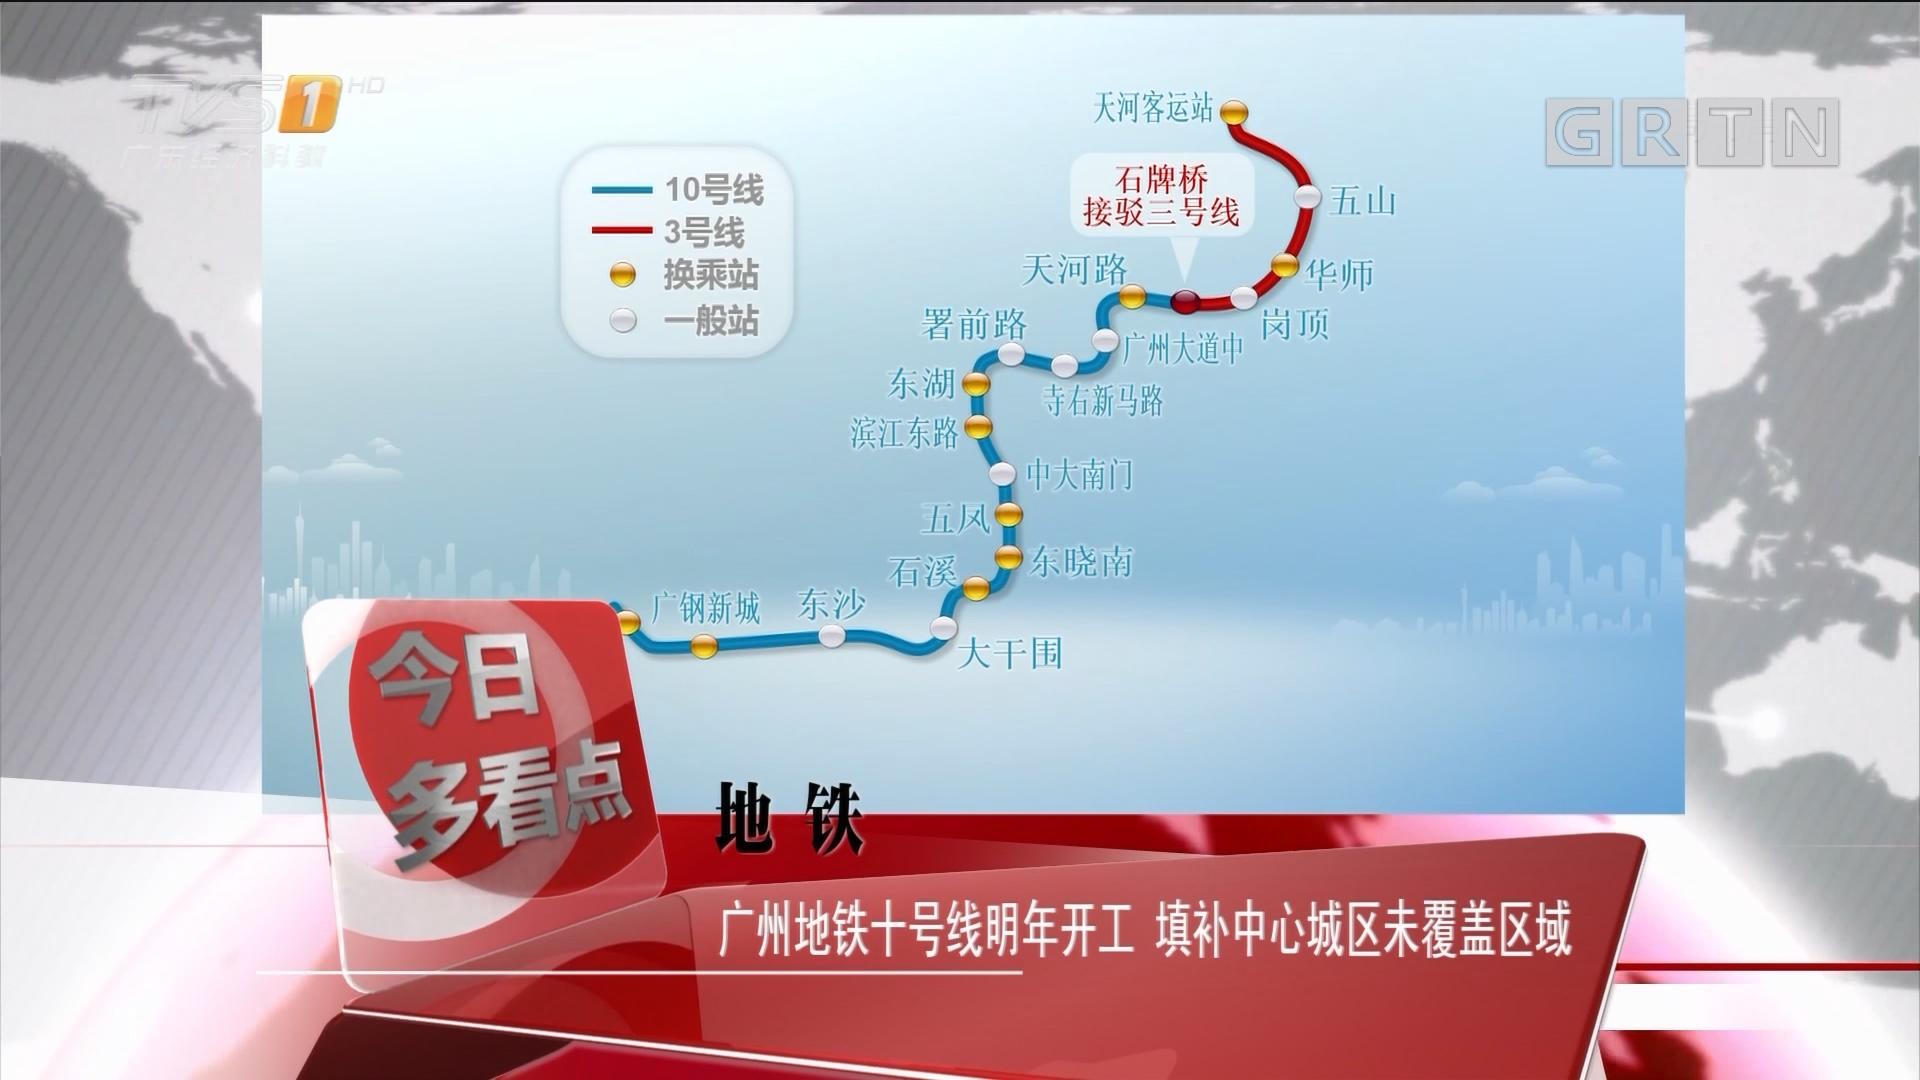 地铁:广州地铁十号线明年开工 填补中心城区未覆盖区域